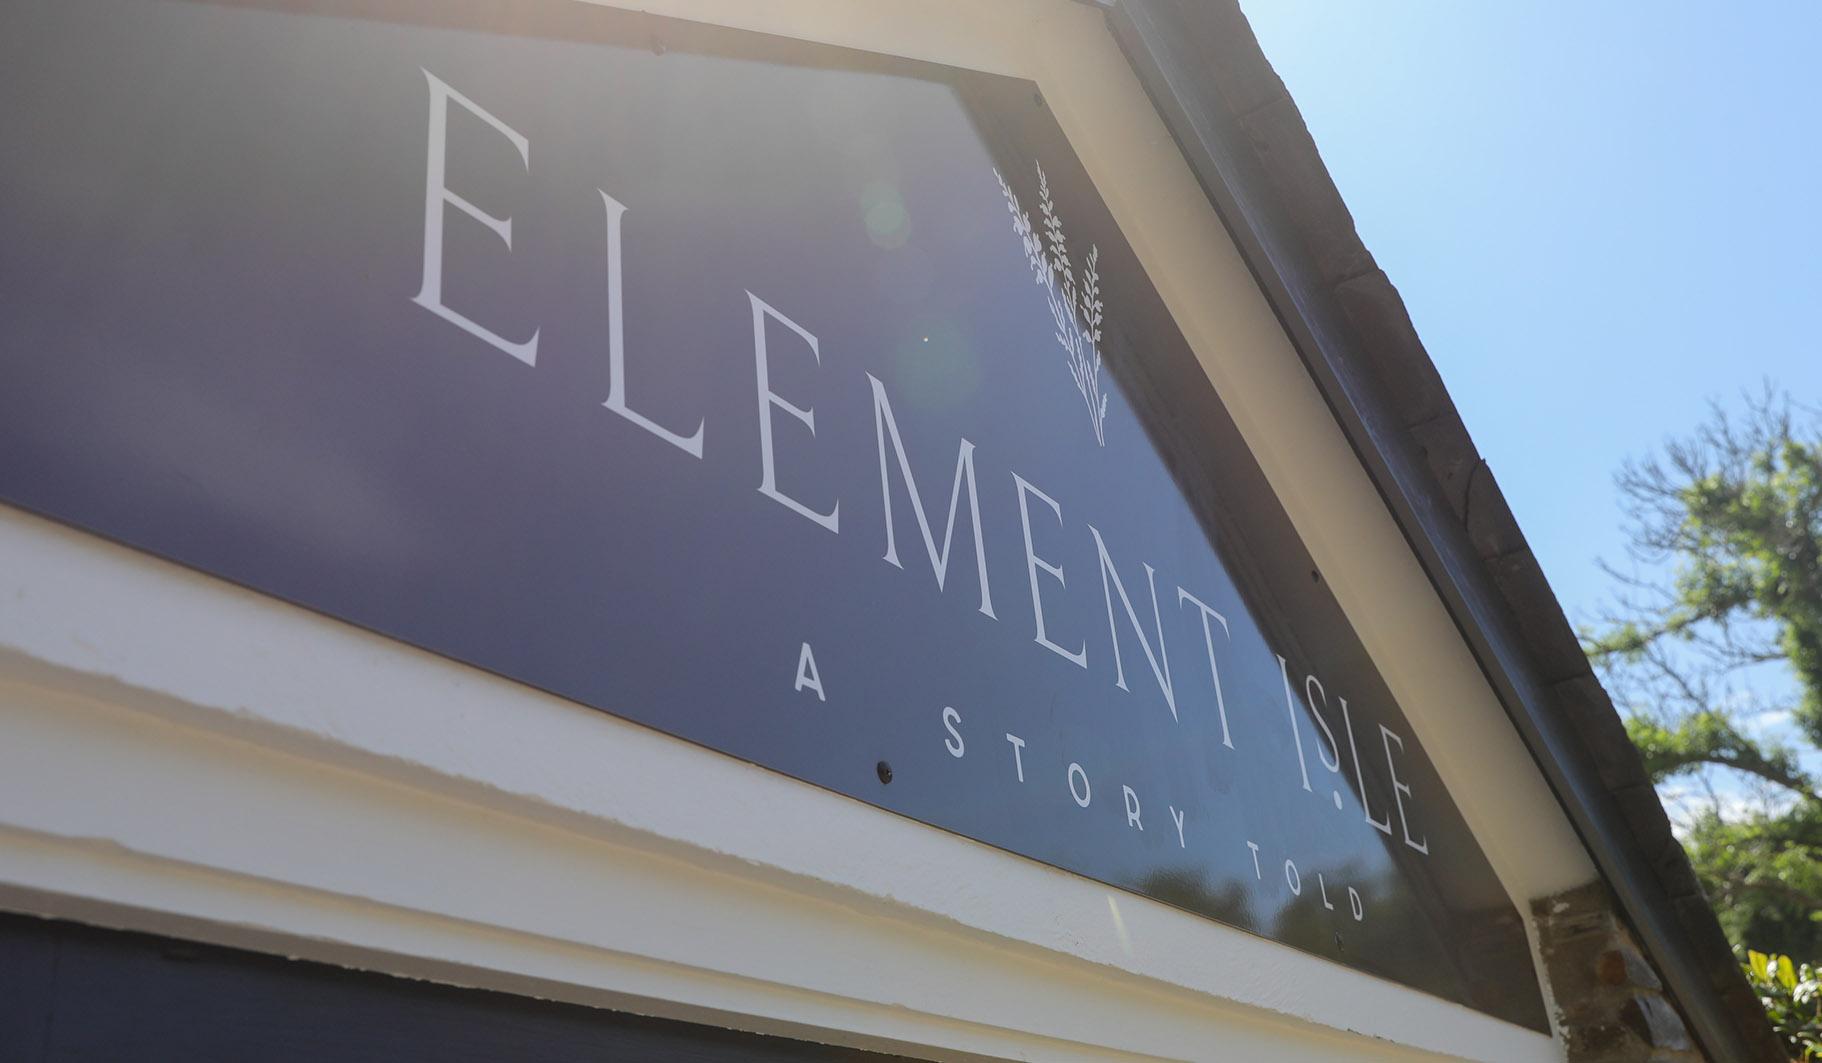 Element Isle